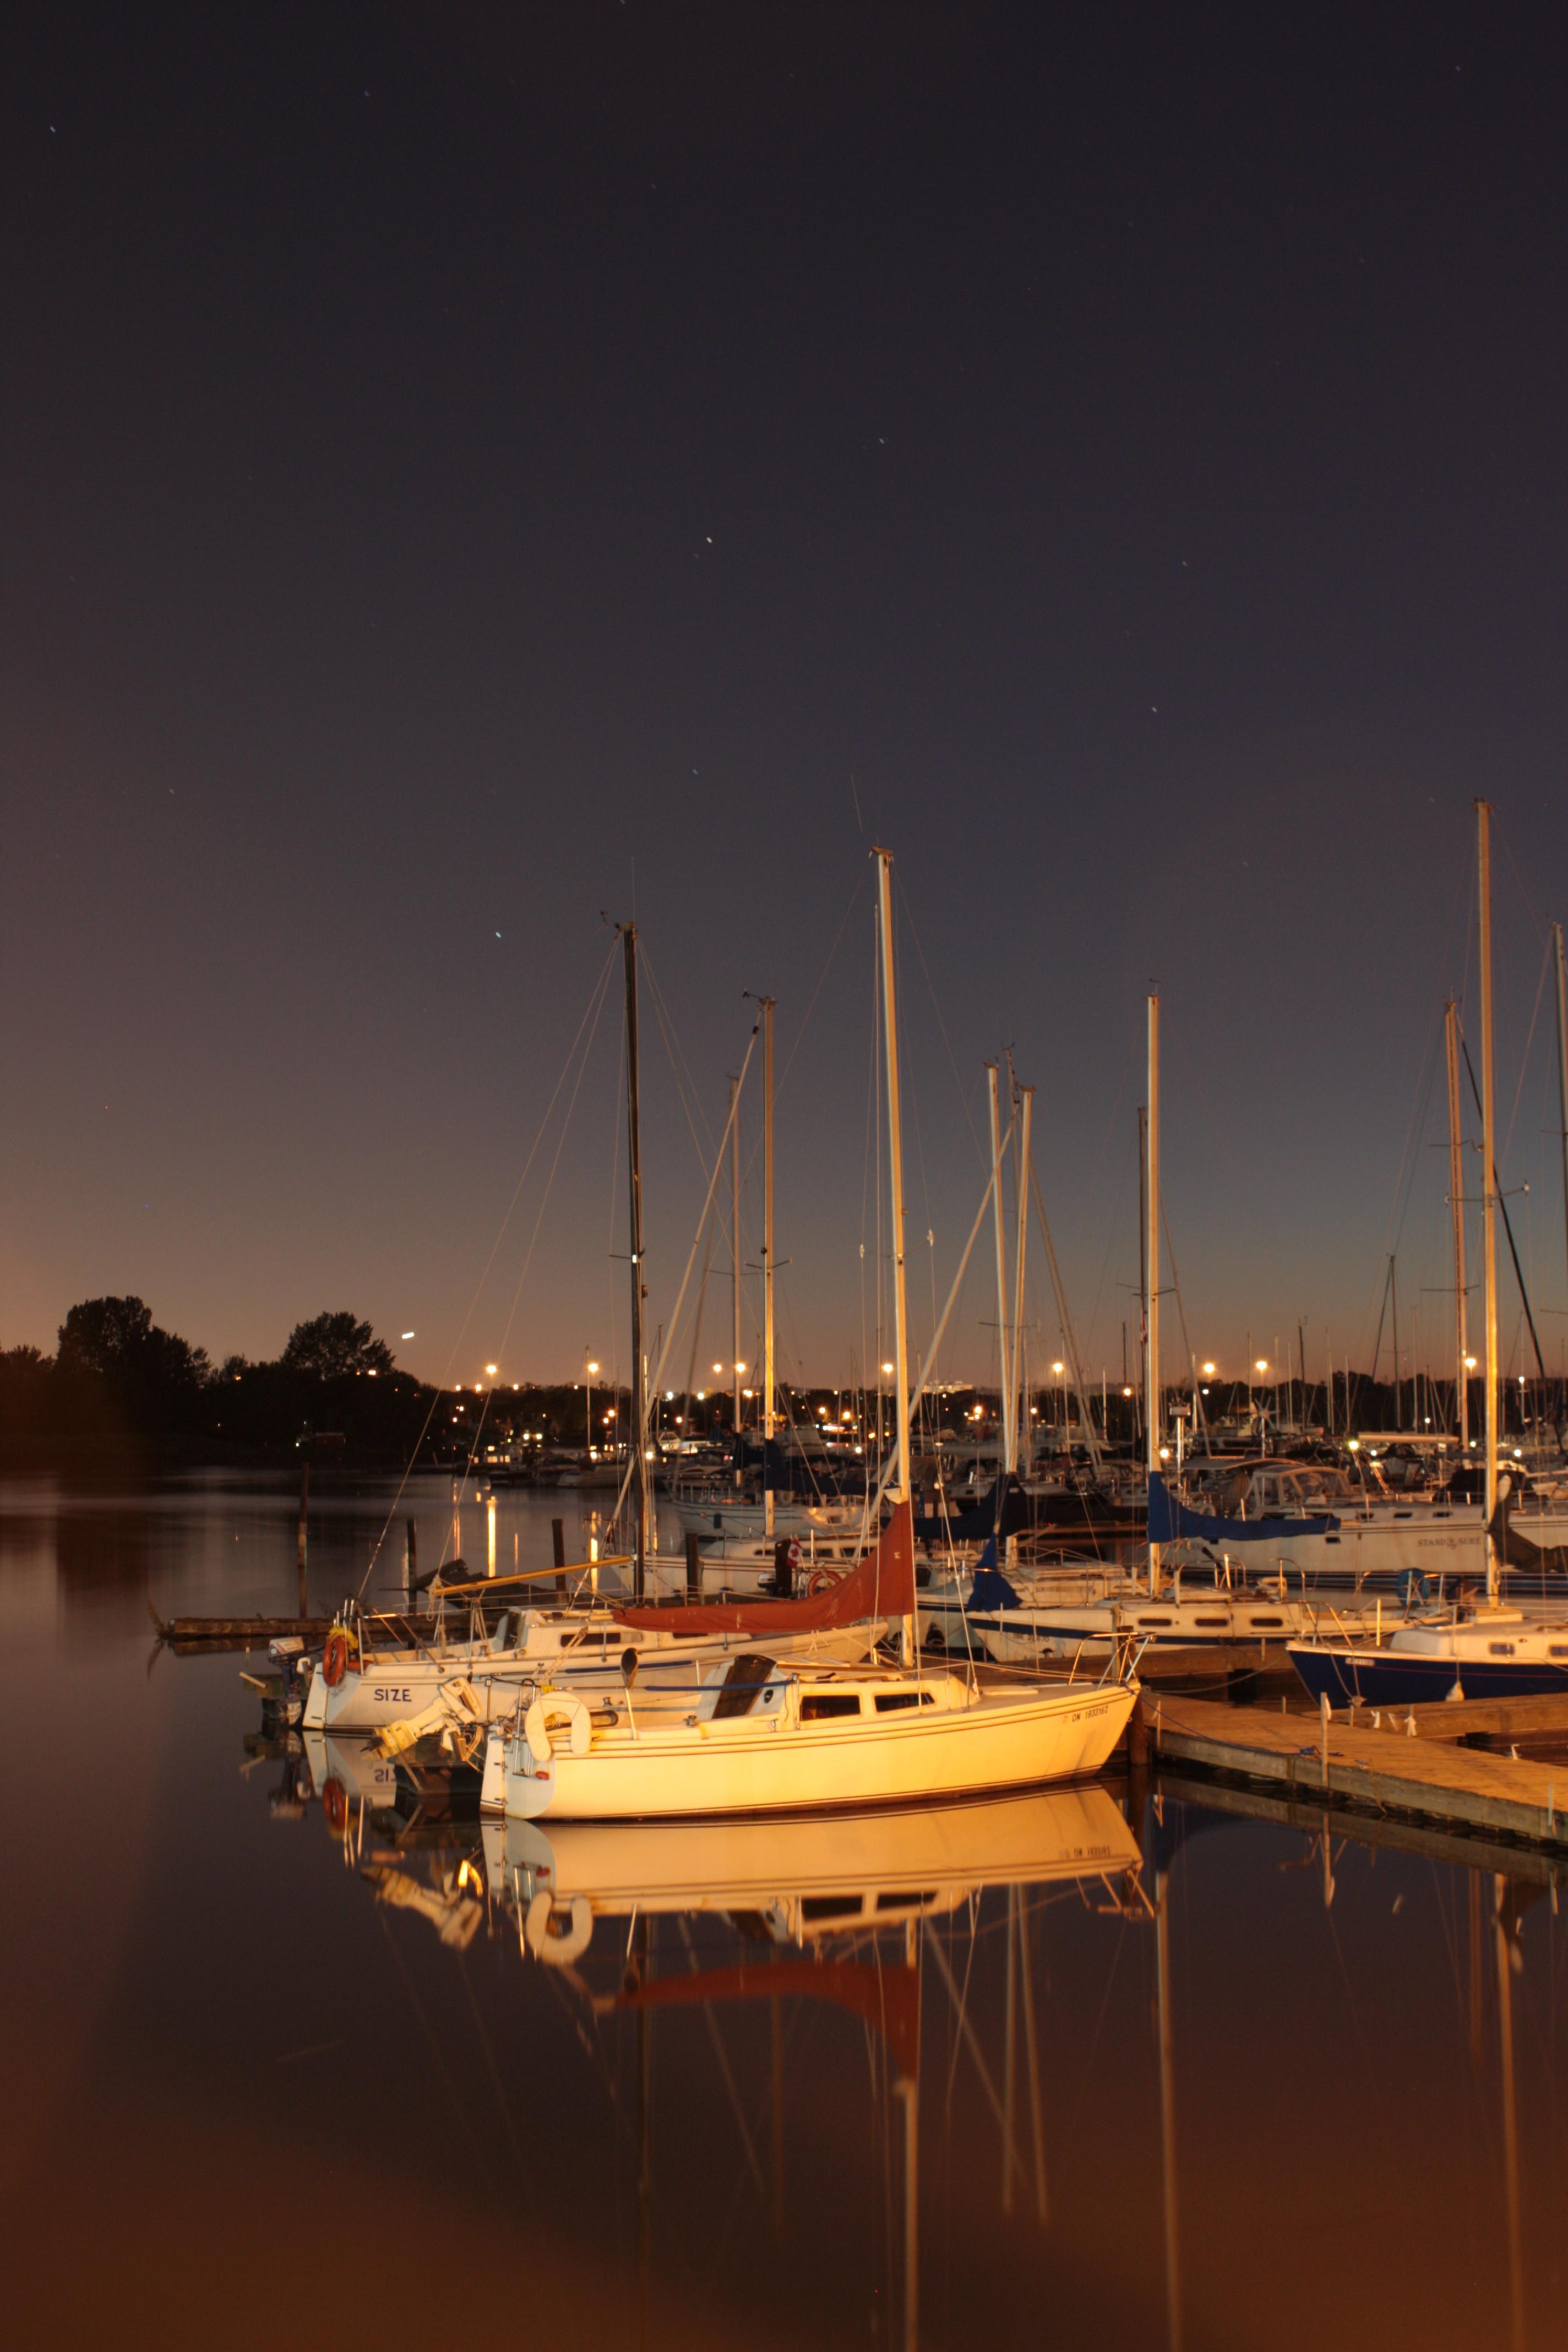 Frenchmans Bay at night, Boats, Lake, Mast, Night, HQ Photo